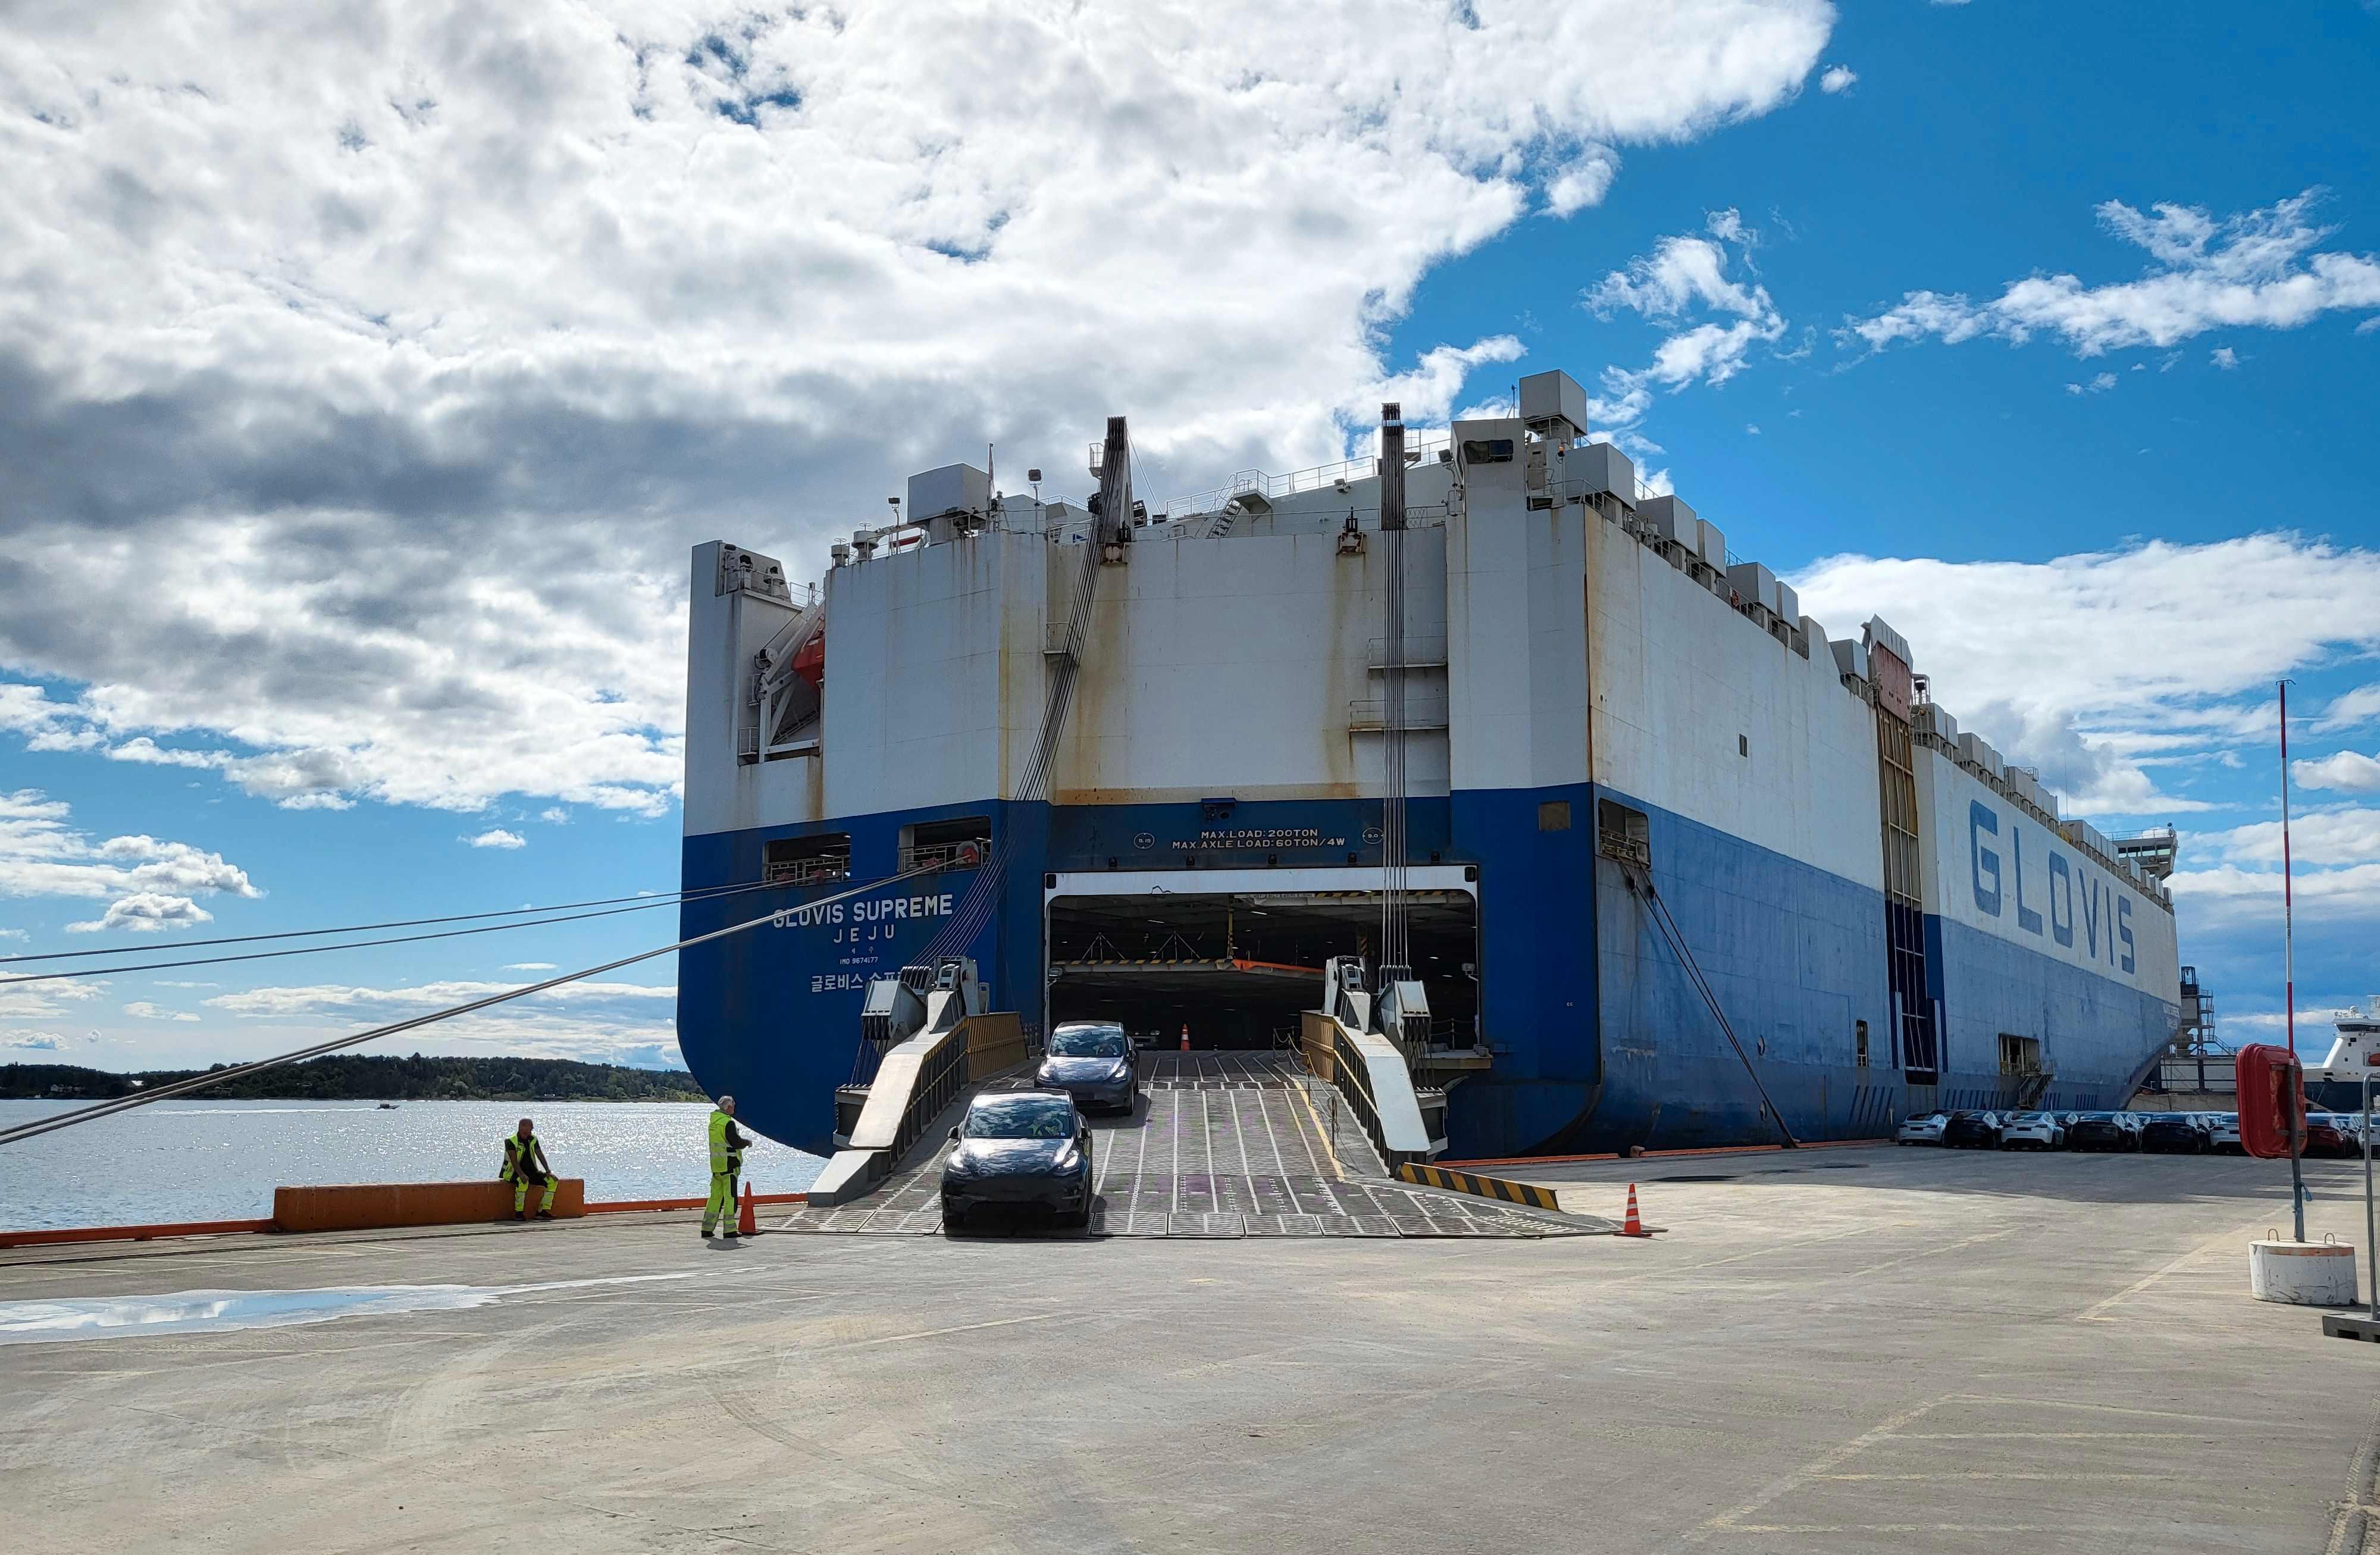 Fredag trillet bil på bil på bil av båten på Filipstad i Oslo. Fra mandag begynner Model Y-utleveringene på Lillestrøm.